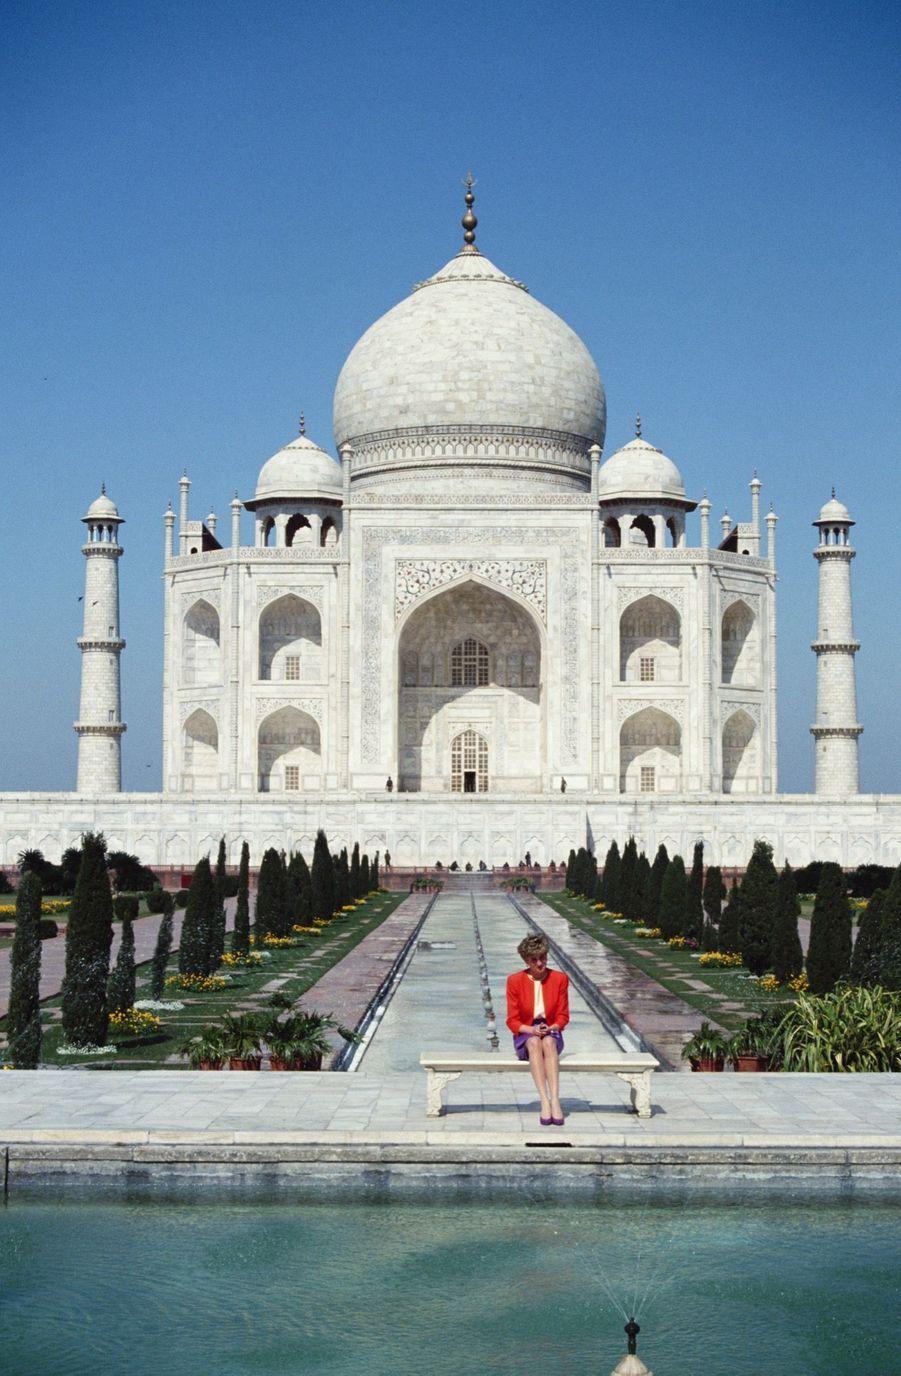 La princesse Diana, photographiée par Jayne Fincher, seule devant le Taj Mahal en Inde, le 11 février 1992.